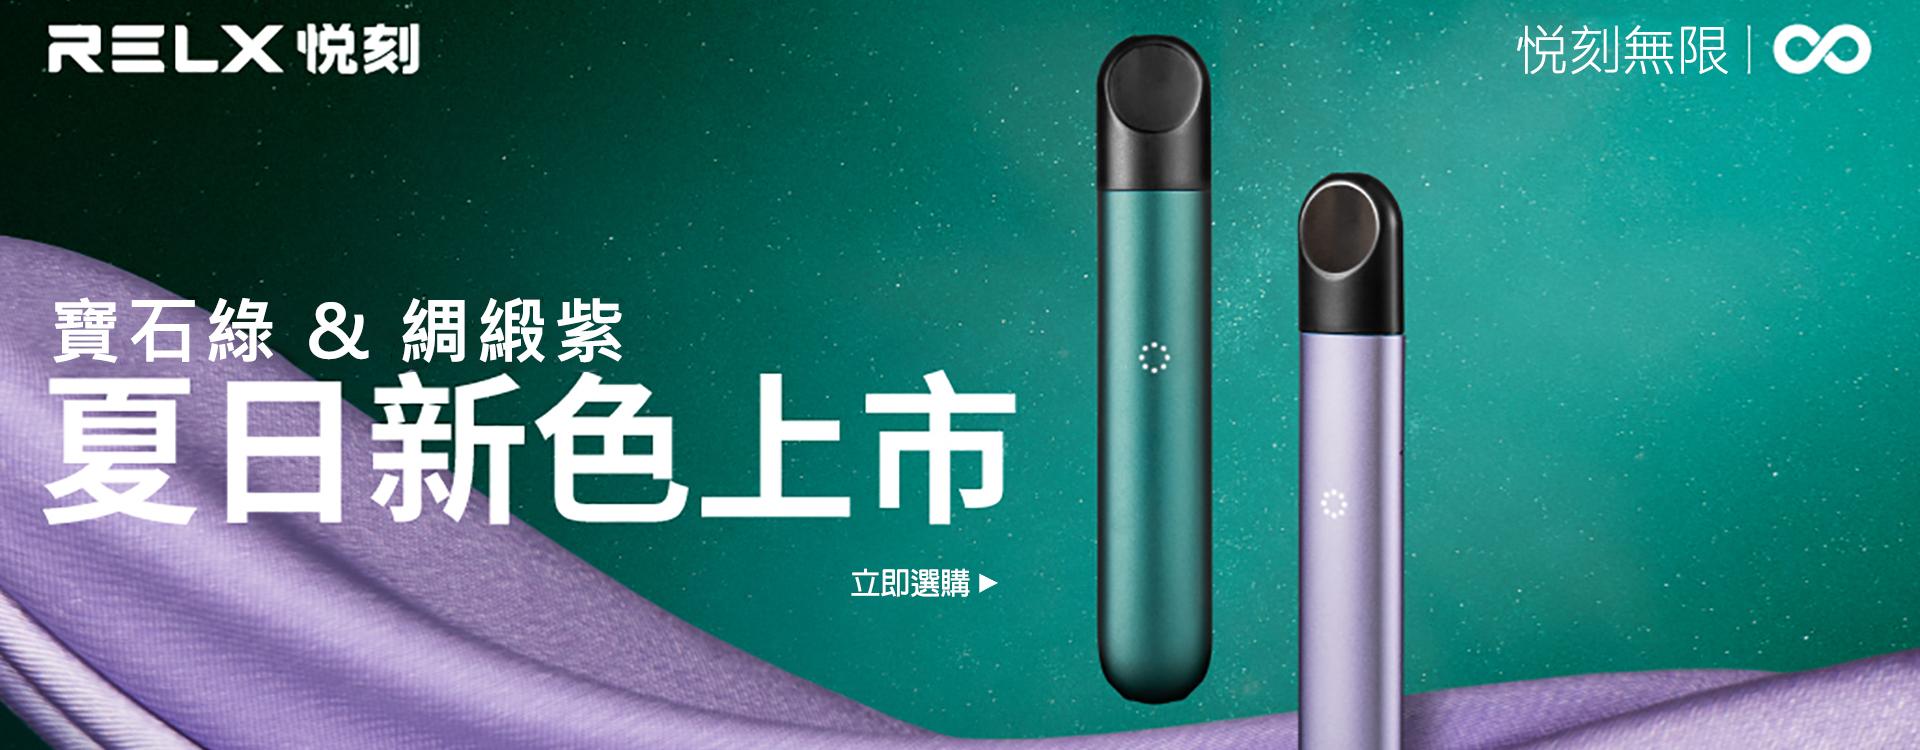 relx infinity kit relxhk 悦刻香港四代無限套裝寶石綠綢緞紫